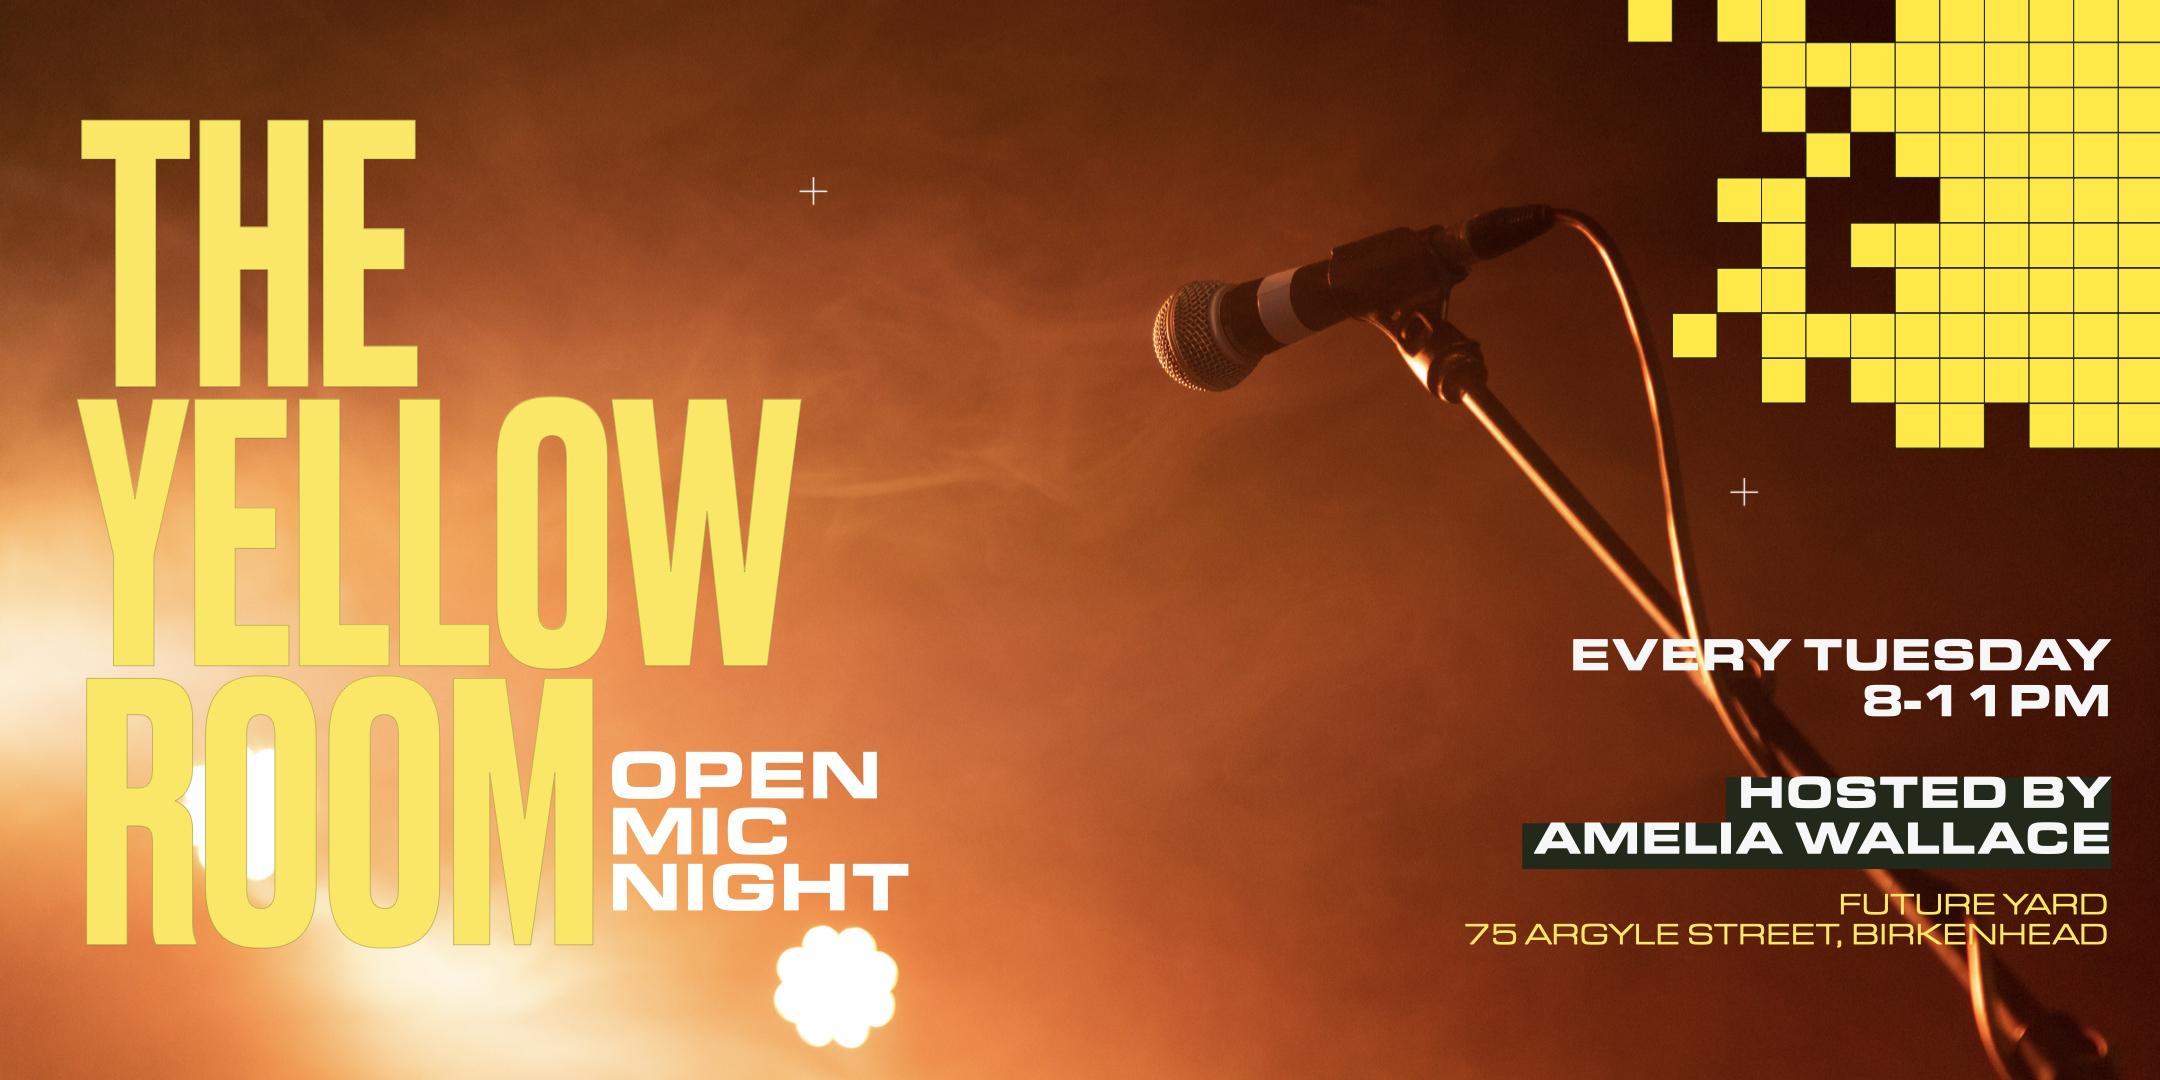 Open mic night at Future Yard